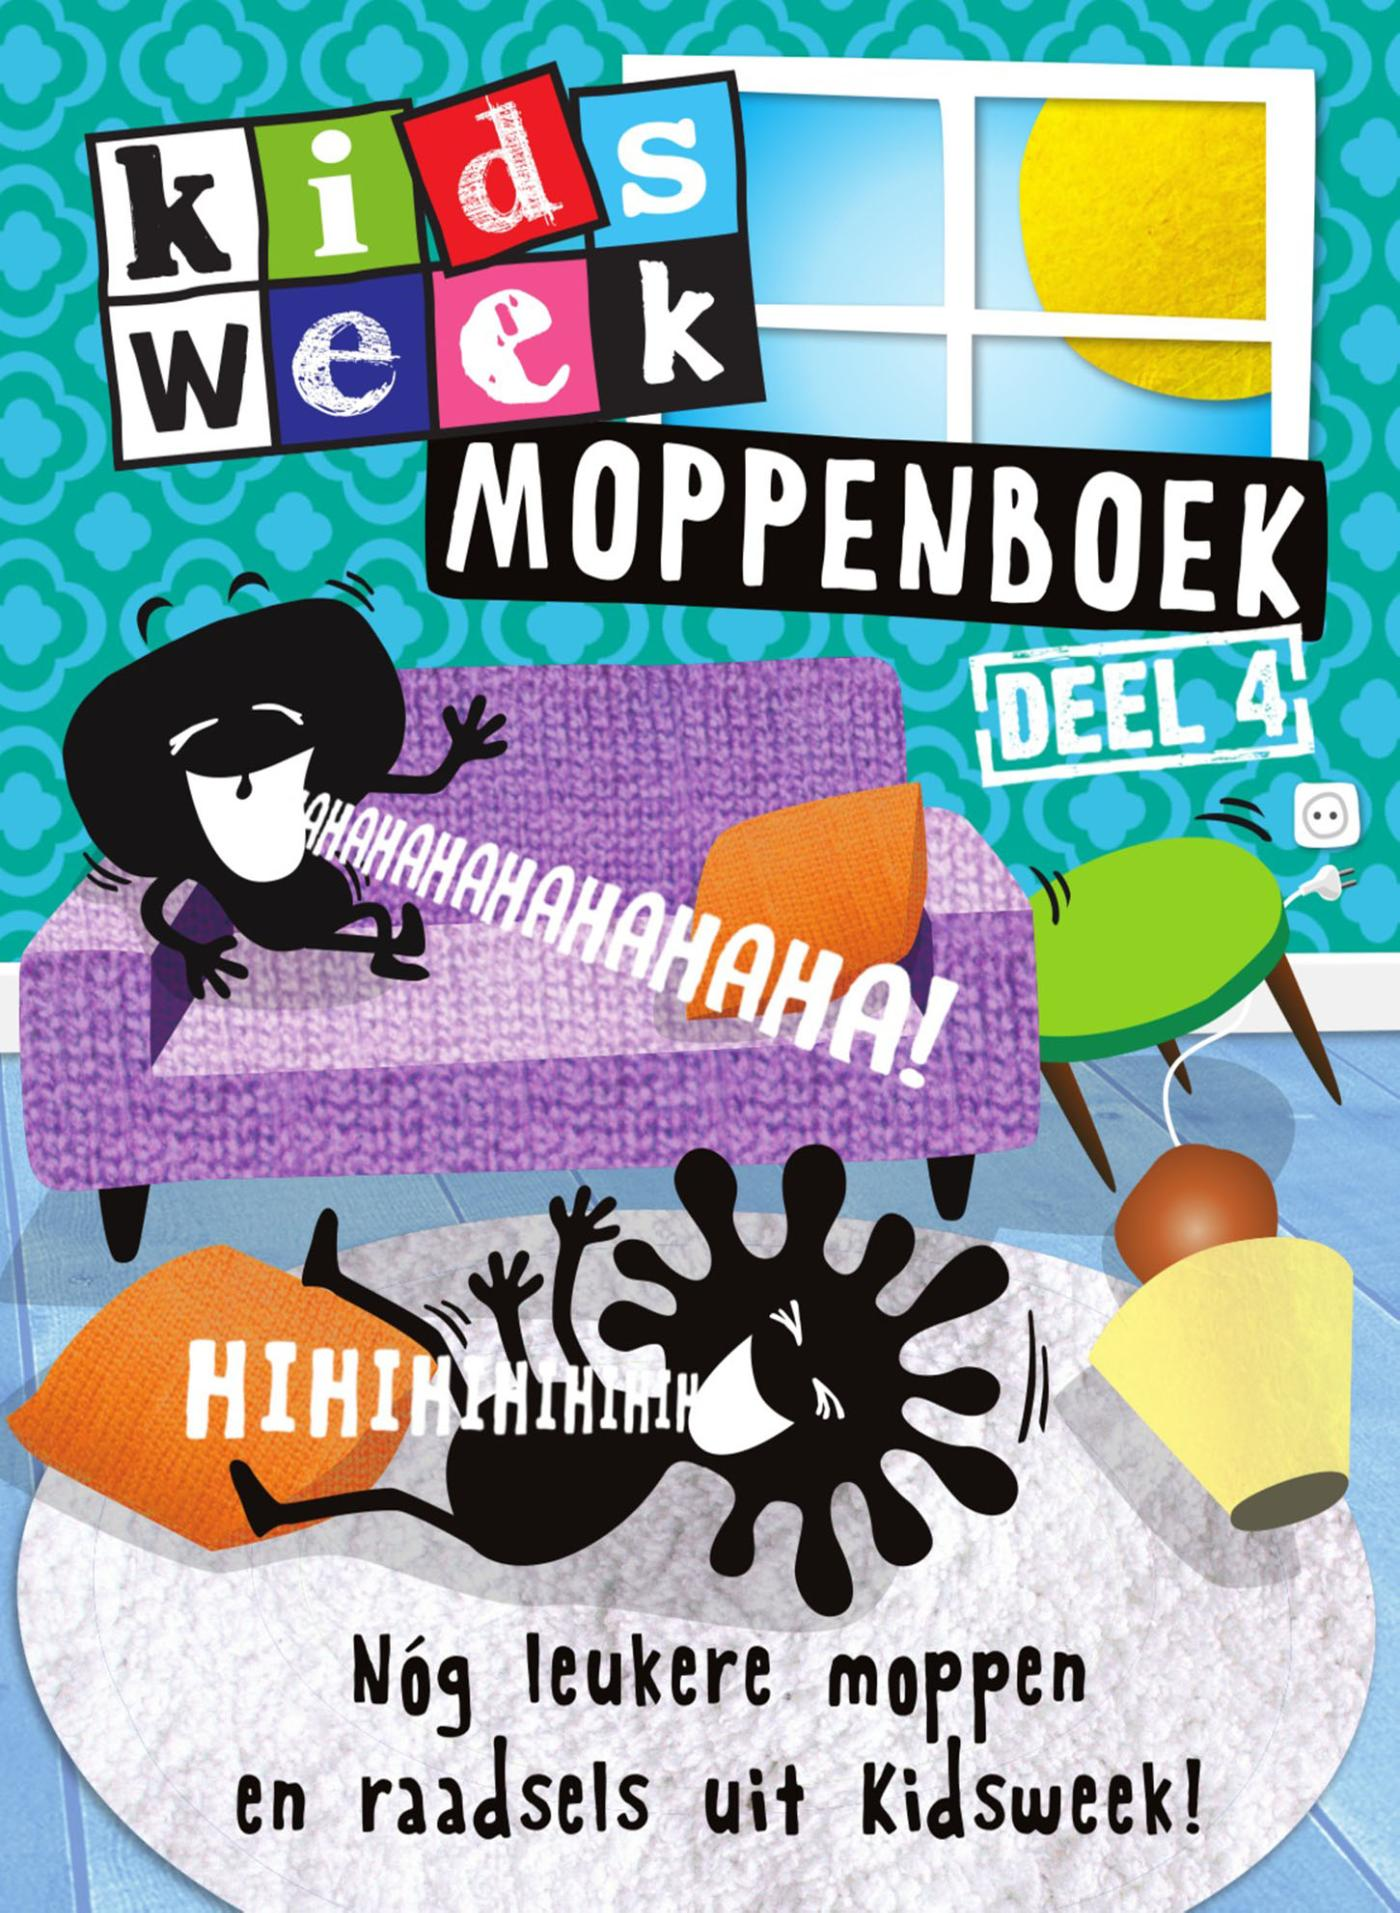 Kidsweek moppenboek 4